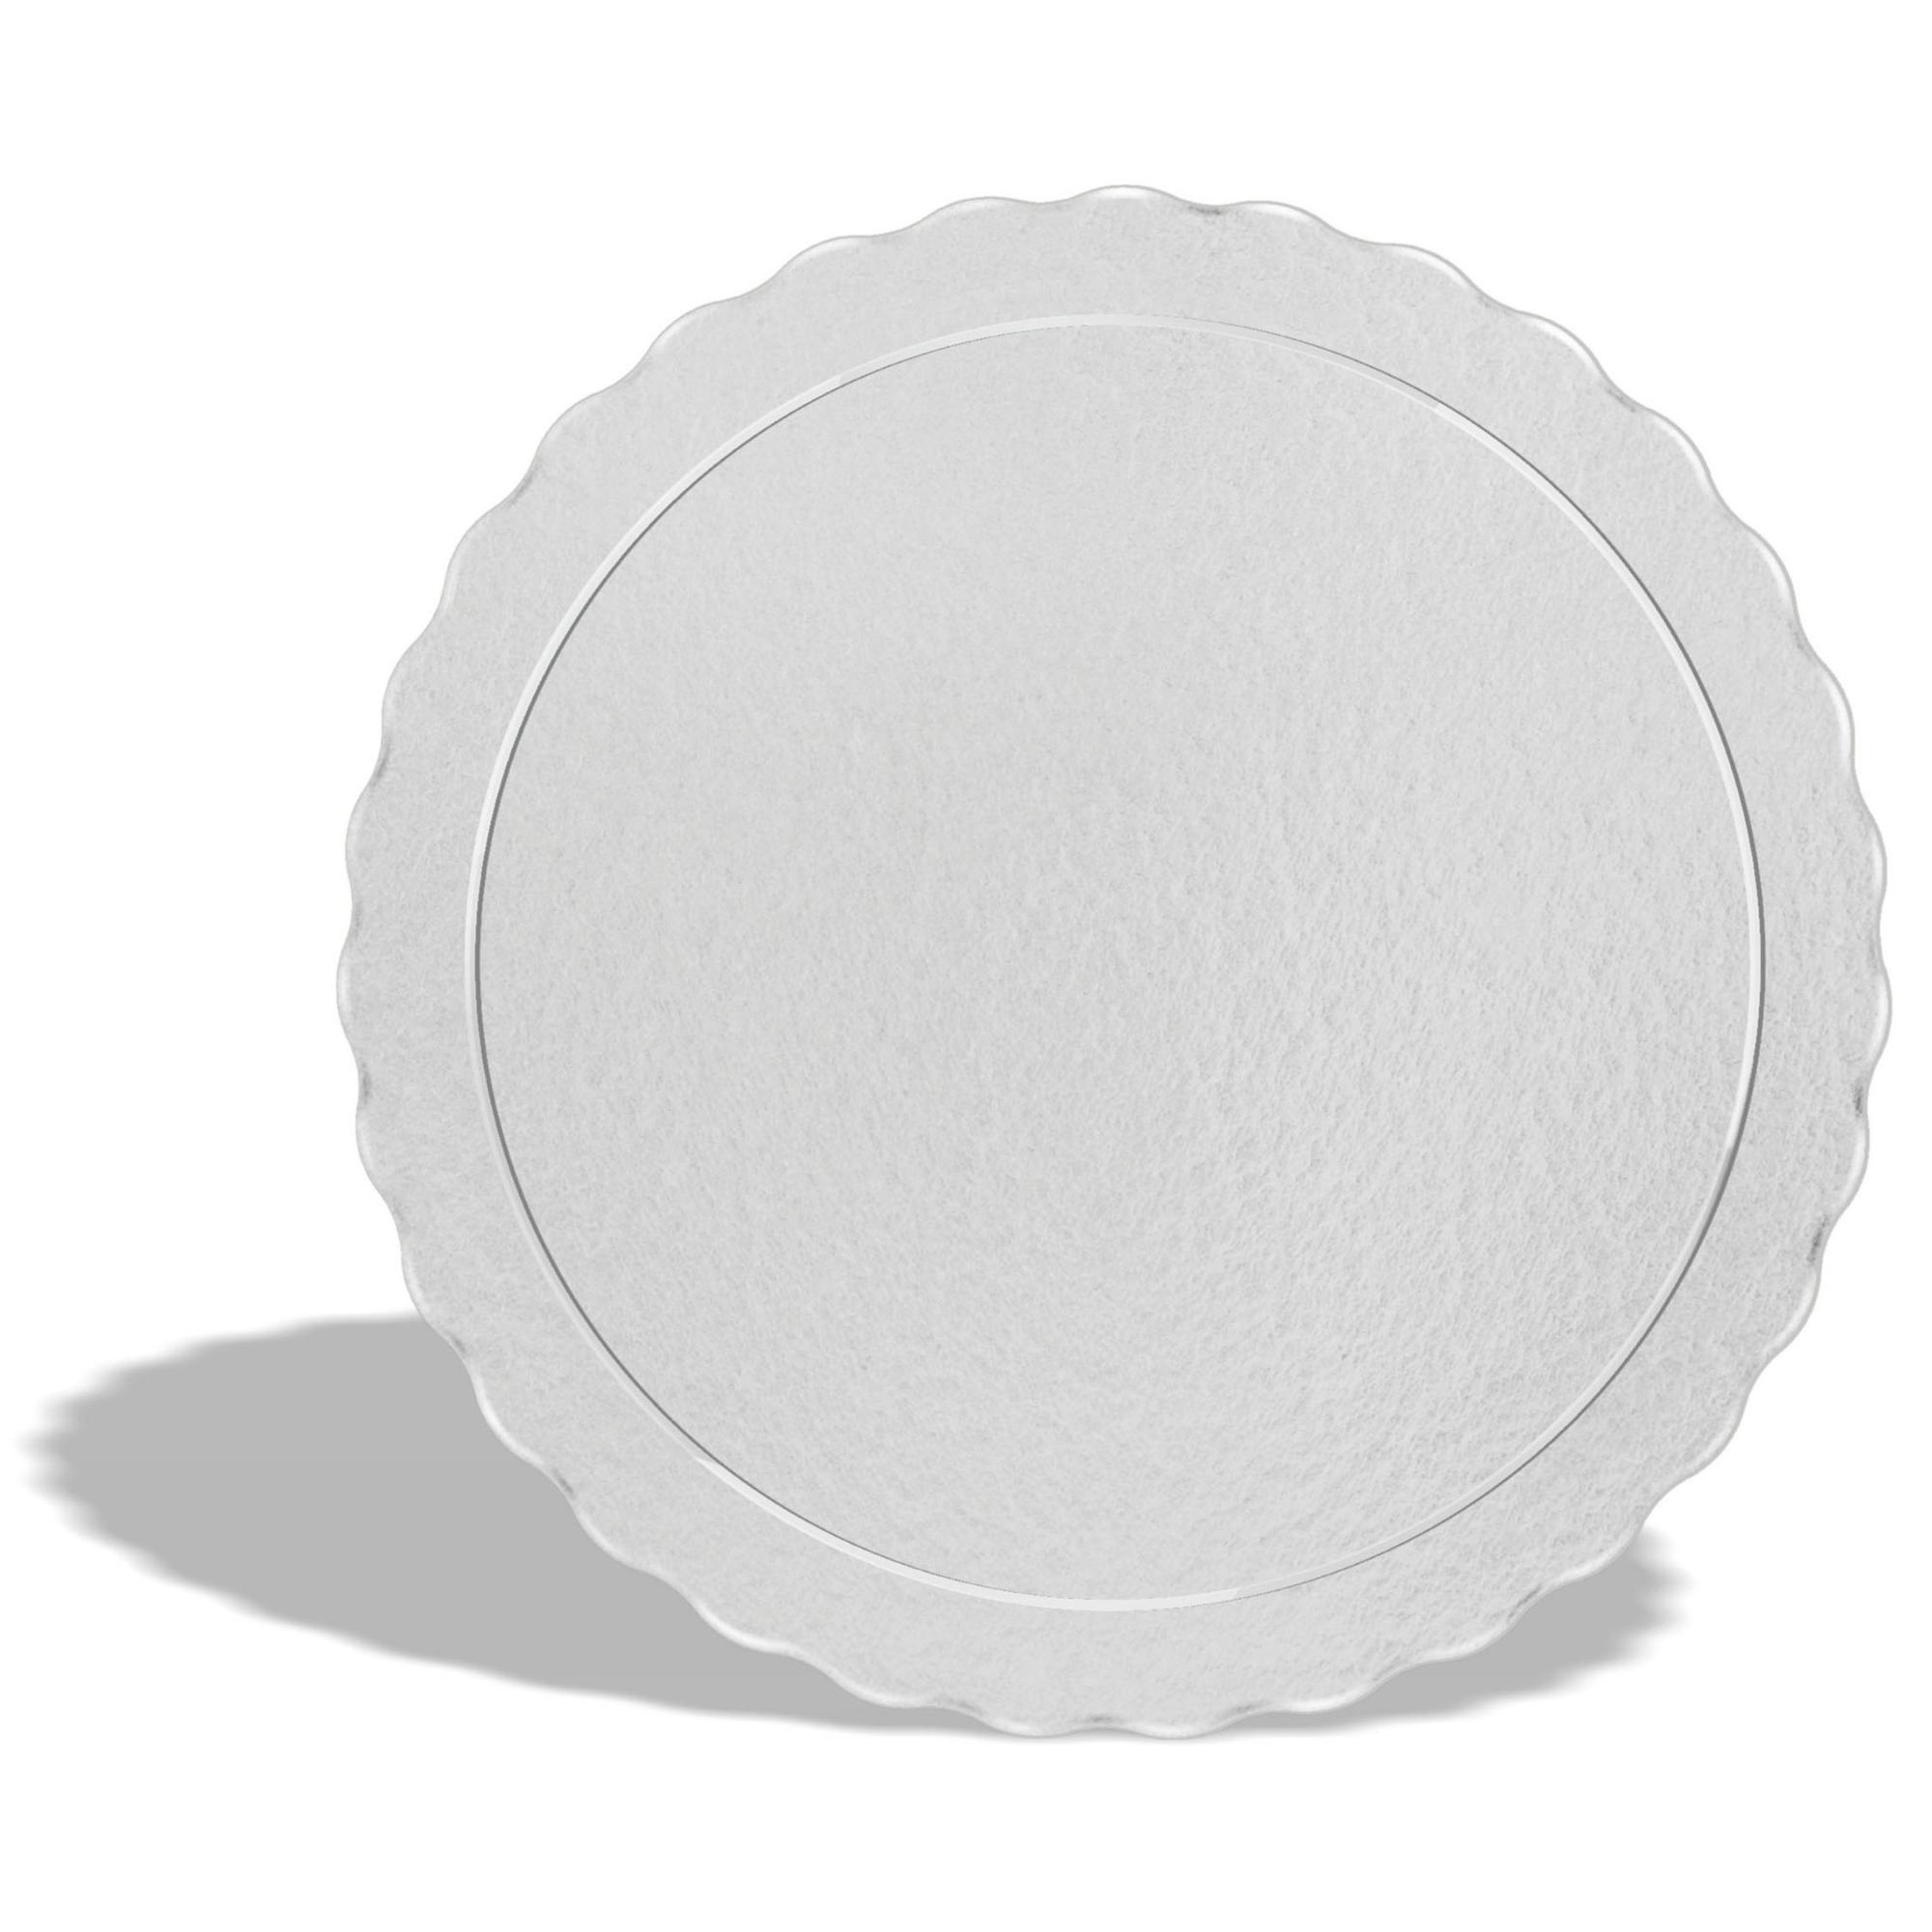 100 Bases Laminadas, Suporte P/ Bolo, Cake Board, 35cm - Branca